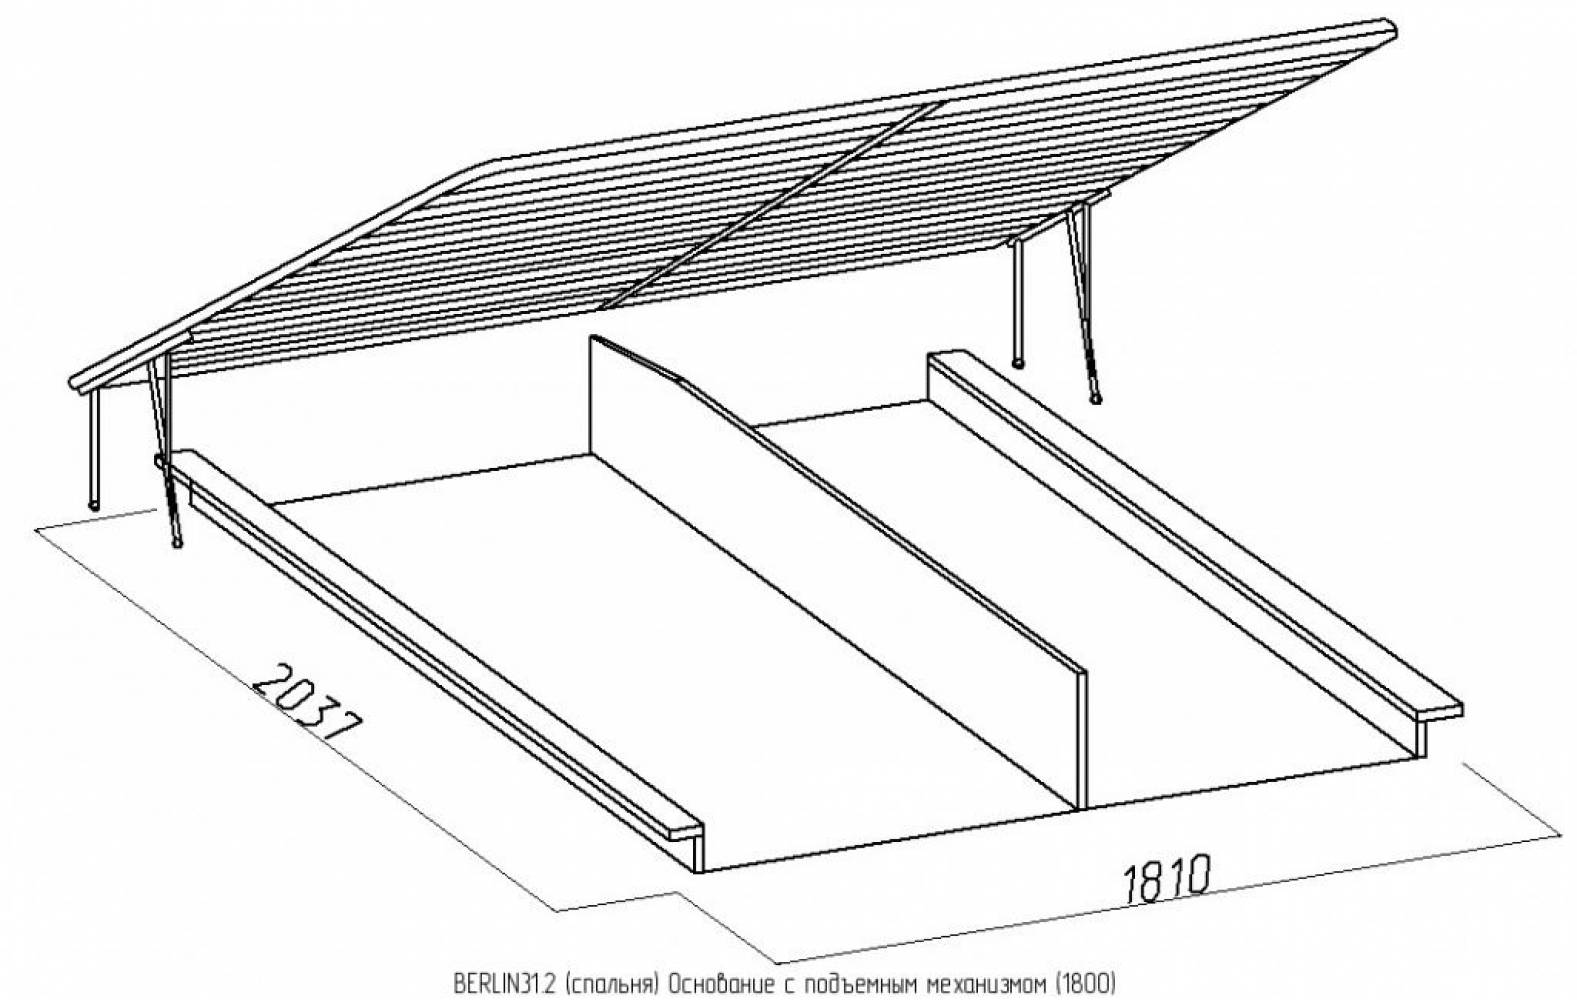 BERLIN31 Кровать (1800) + BERLIN31.2 Основание с подъемным механизмом (1800), Сонома